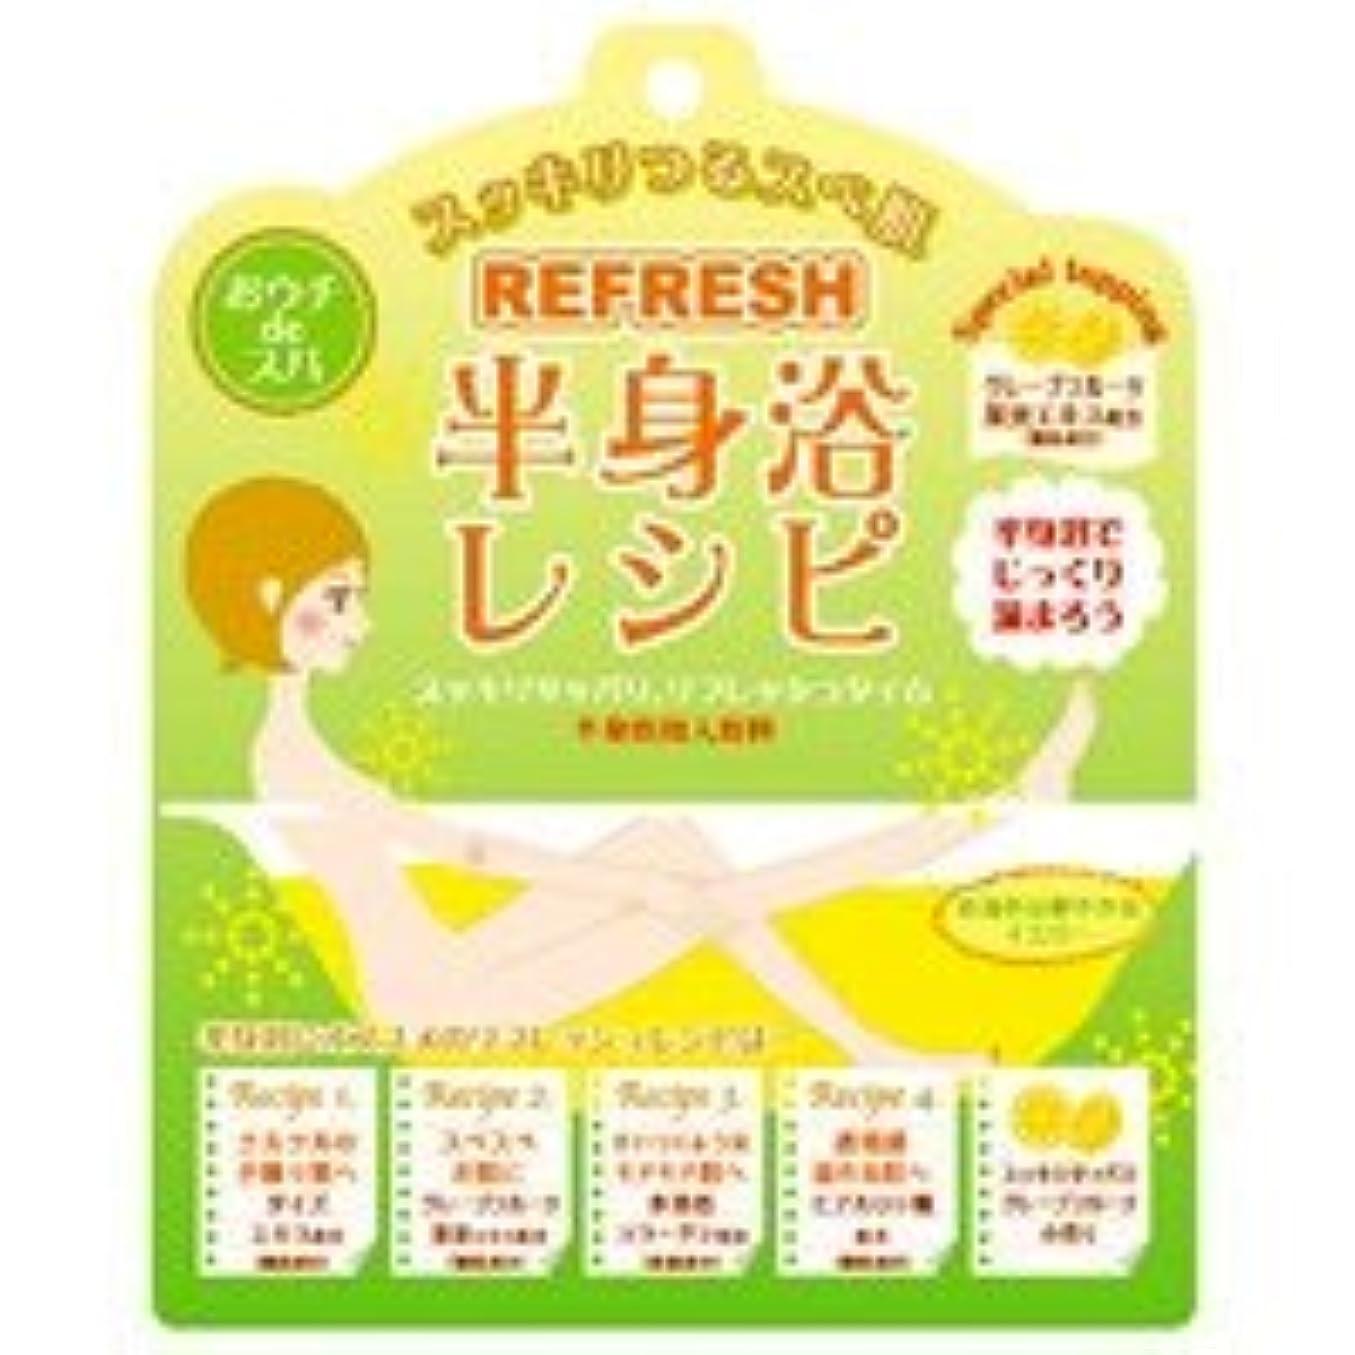 カテゴリー欠陥承認半身浴レシピ「リフレッシュレシピ」10個セット クリアイエローのお湯 スッキリサッパリなグレープフルーツの香り